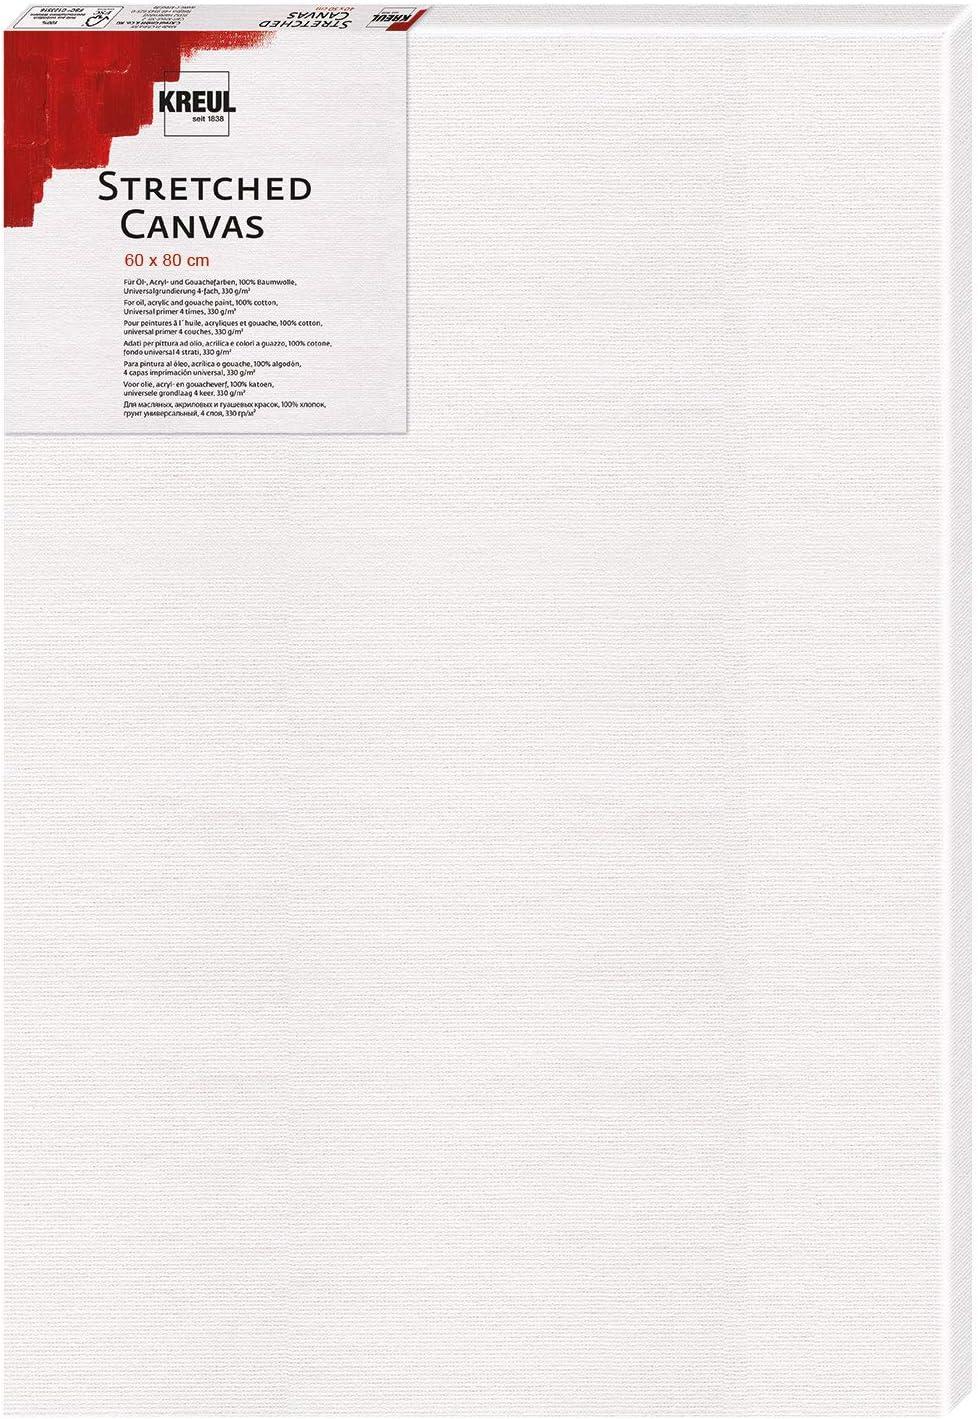 Leinwand aus Baumwolle 4 fach grundiert Stretched Canvas Keilrahmen 60 x 80 cm in Einsteigerqualit/ät Kreul 596080 ideal f/ür Acryl- und Gouachefarben